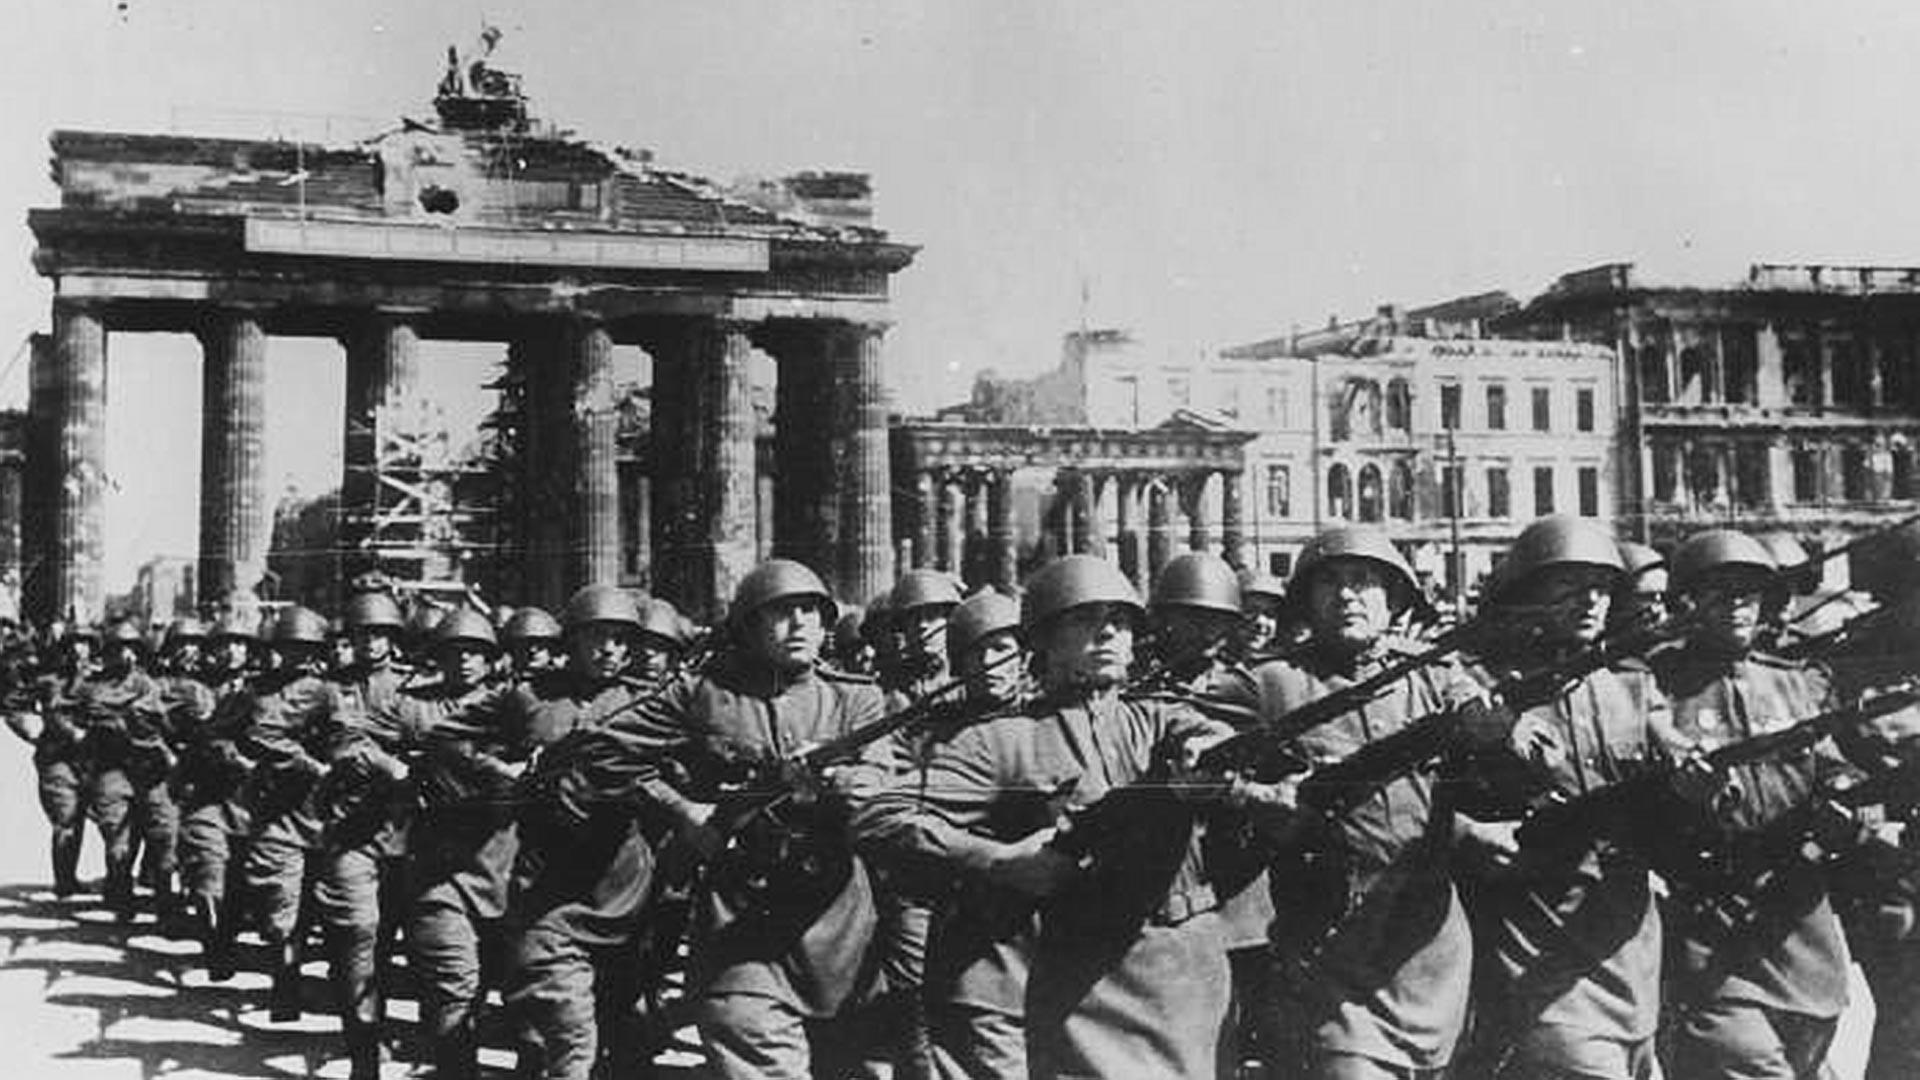 Troupes soviétiques durant le défilé à Berlin